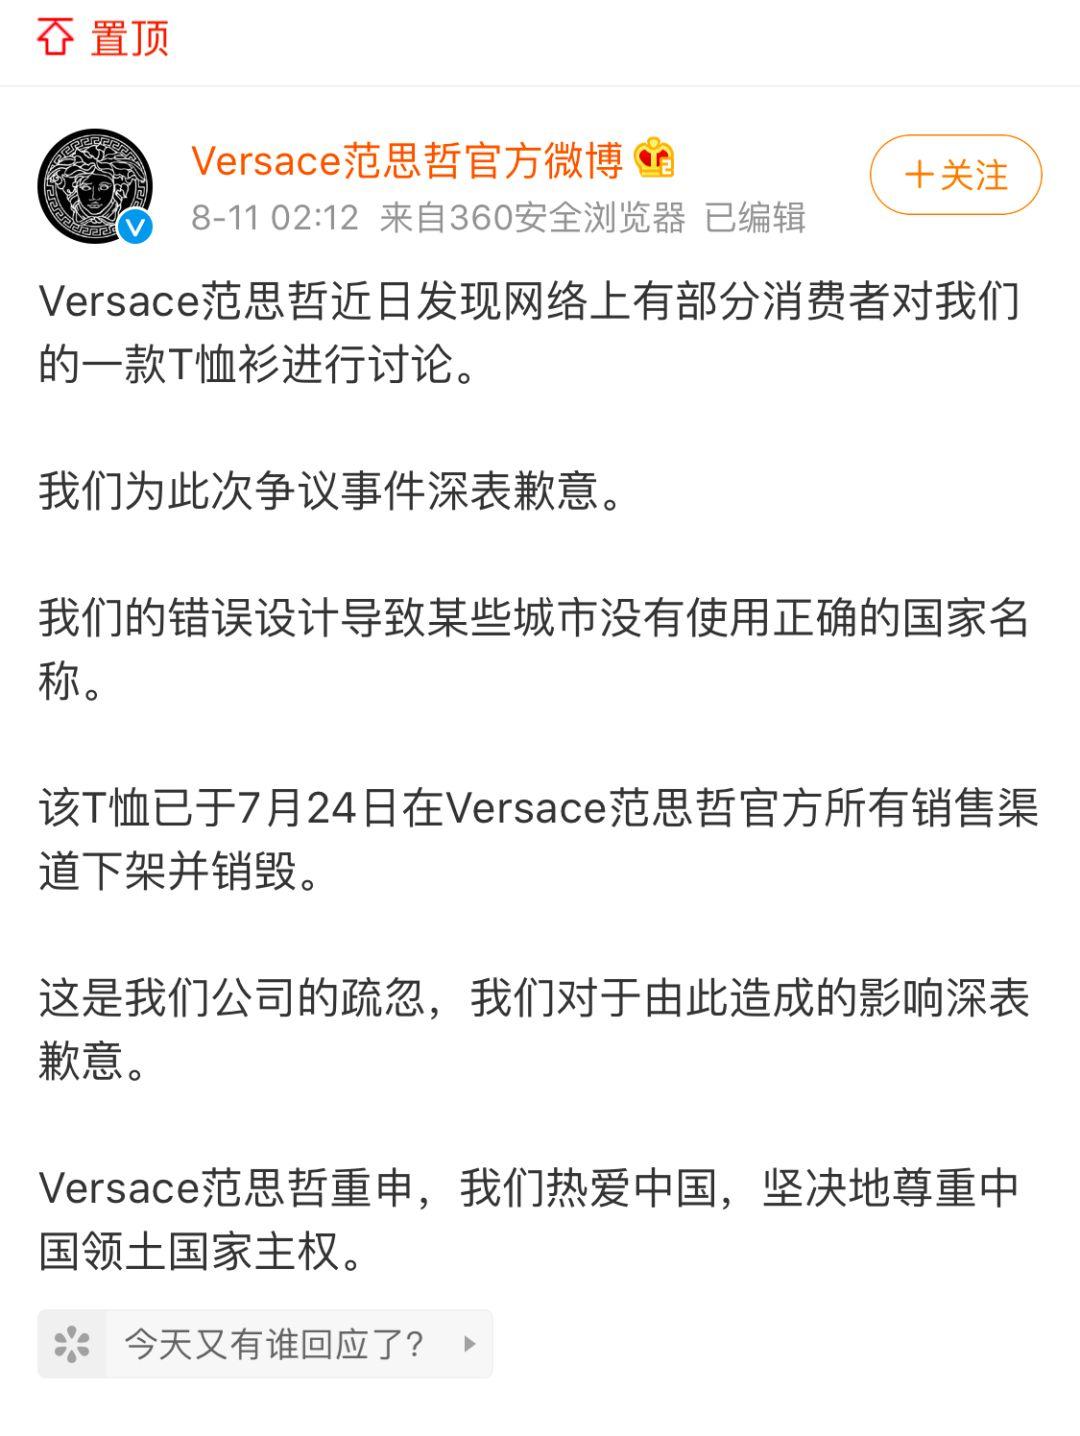 范思哲道歉了,杨幂发声_品牌